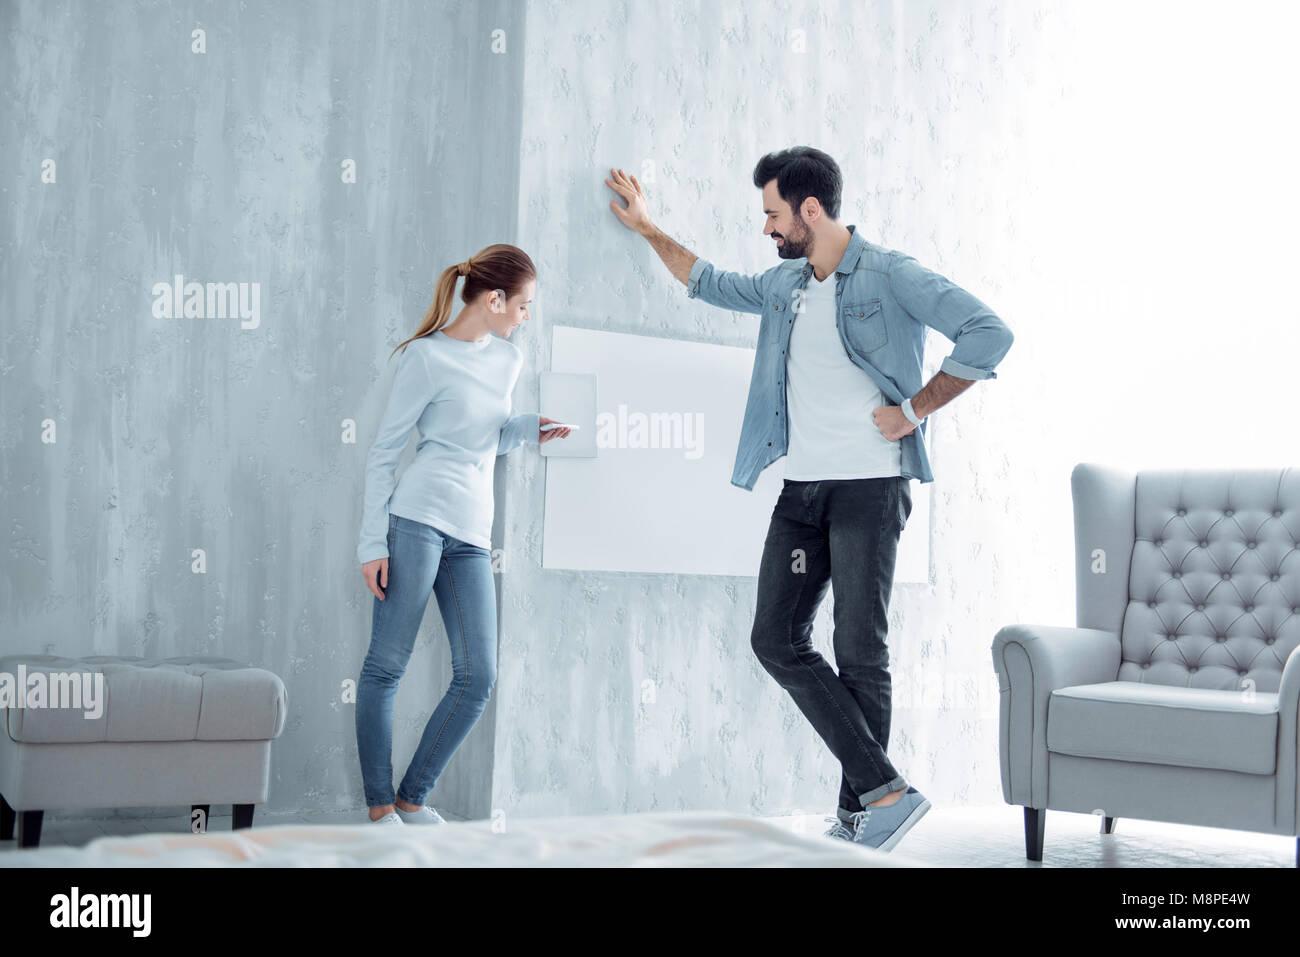 Maschio attraente persona appoggiata sulla parete Immagini Stock